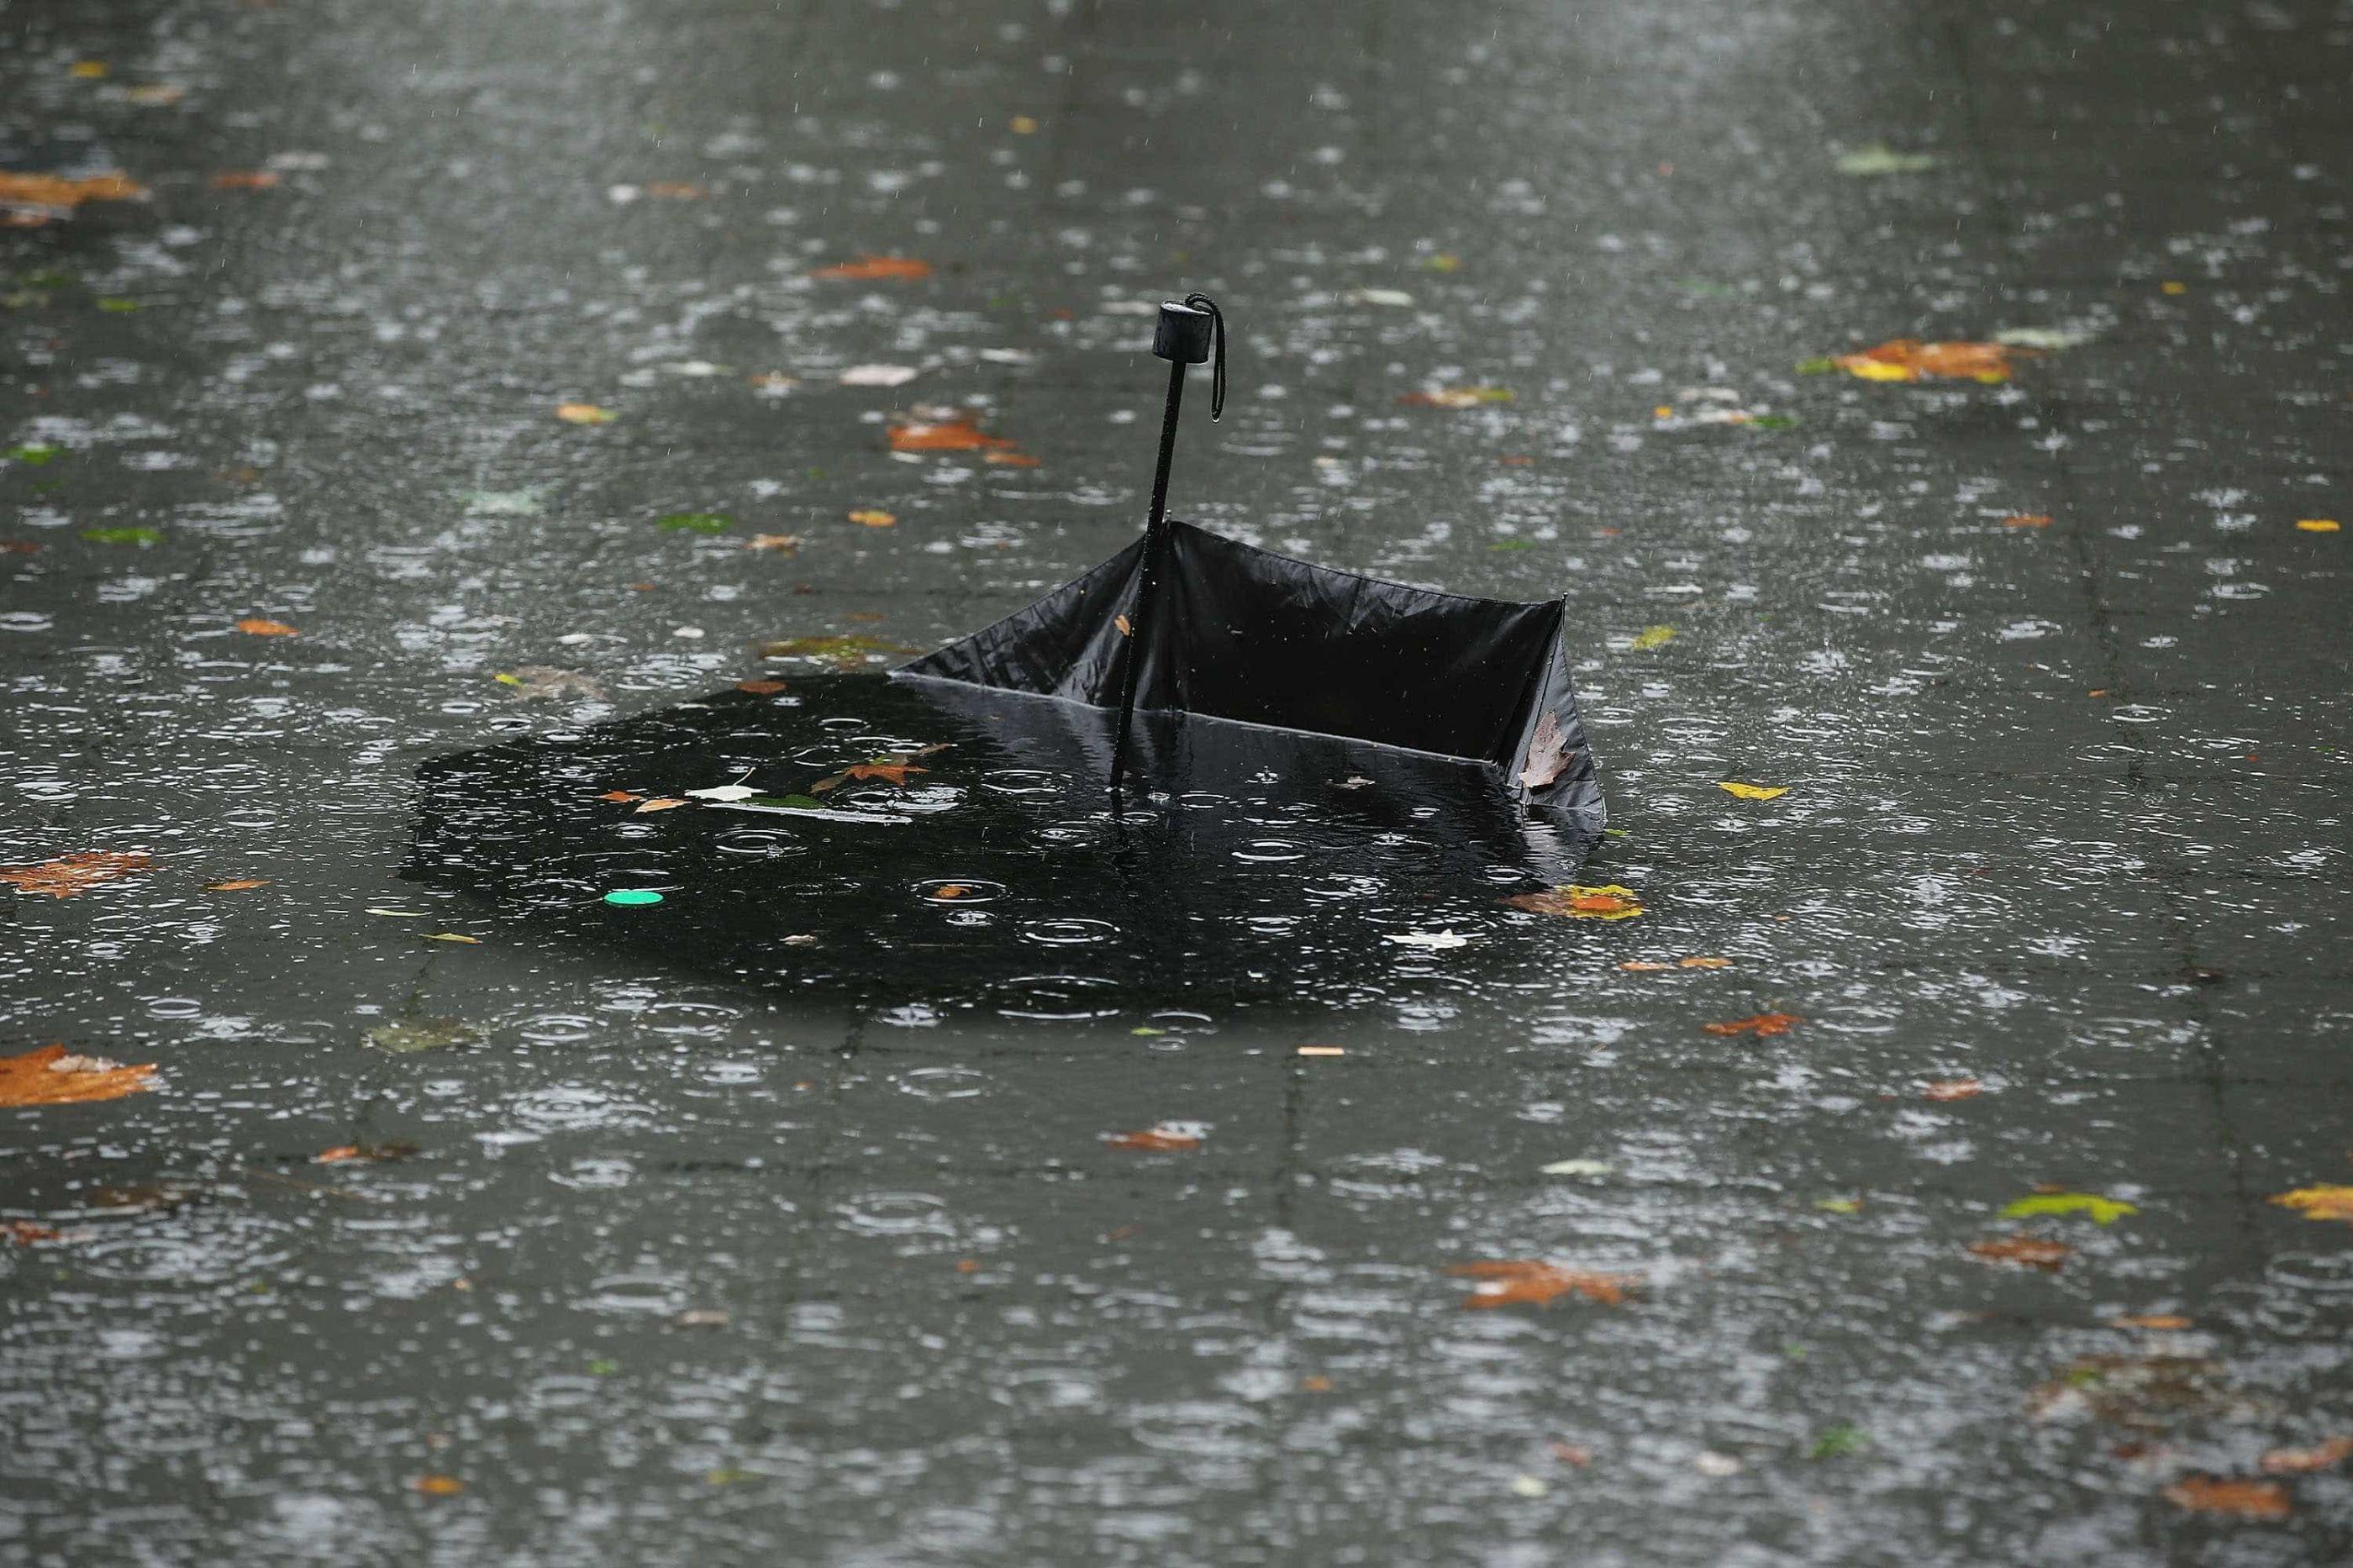 Quatro distritos do continente sob aviso amarelo devido à chuva